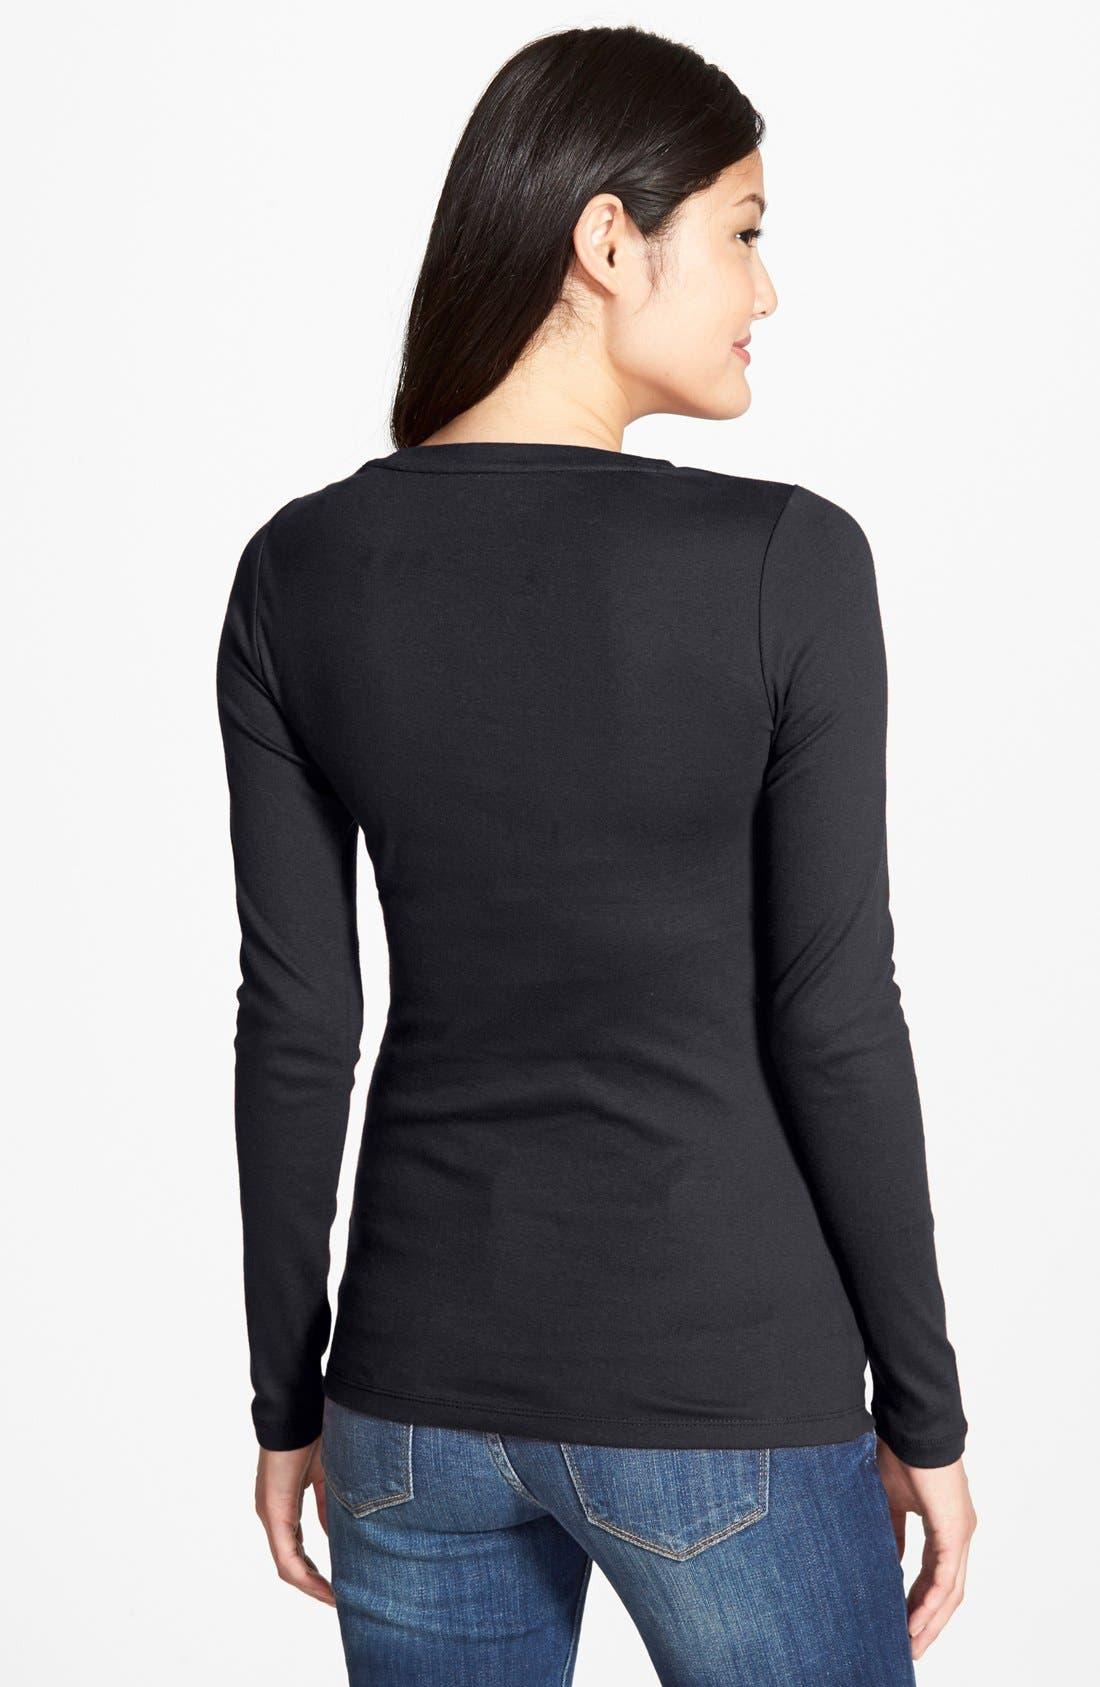 fee07e2d30e08e Women s Long Sleeve Tops